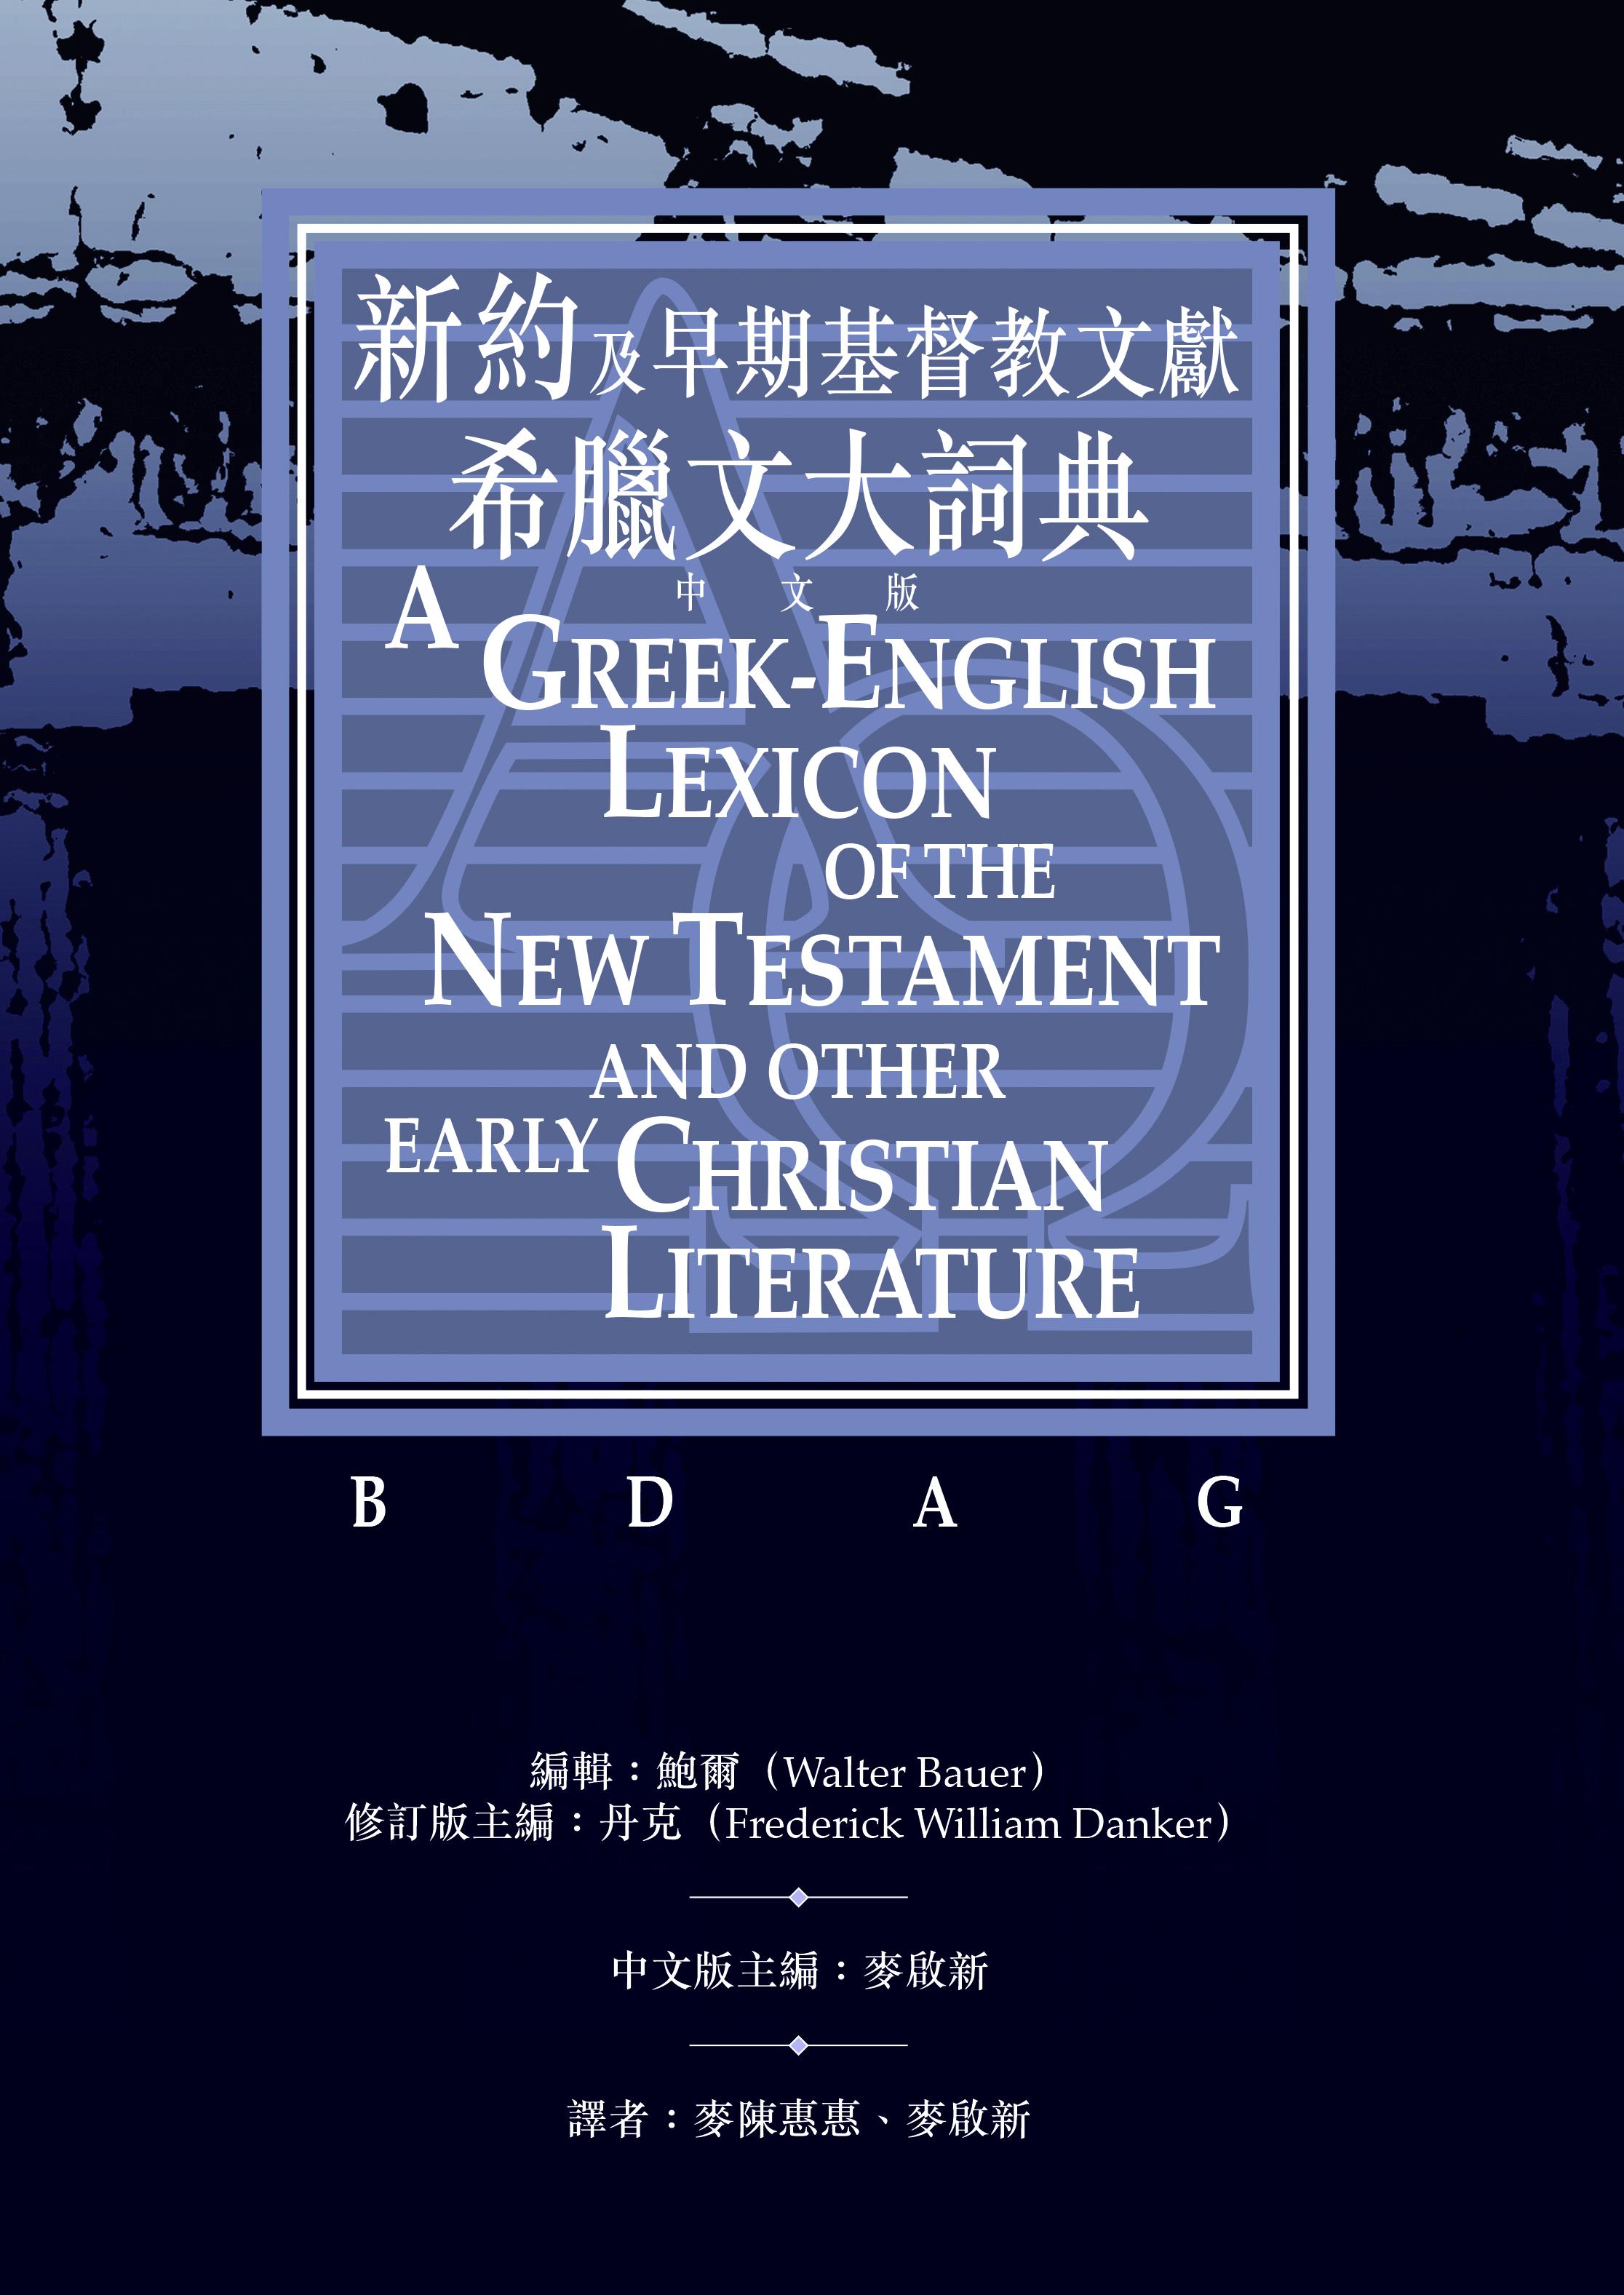 新約及早期基督教希臘文大詞典(繁體) A Greek-English Lexicon of the New Testament and other Early Christian Literature, Third Edition, BDAG (Traditional Chinese)